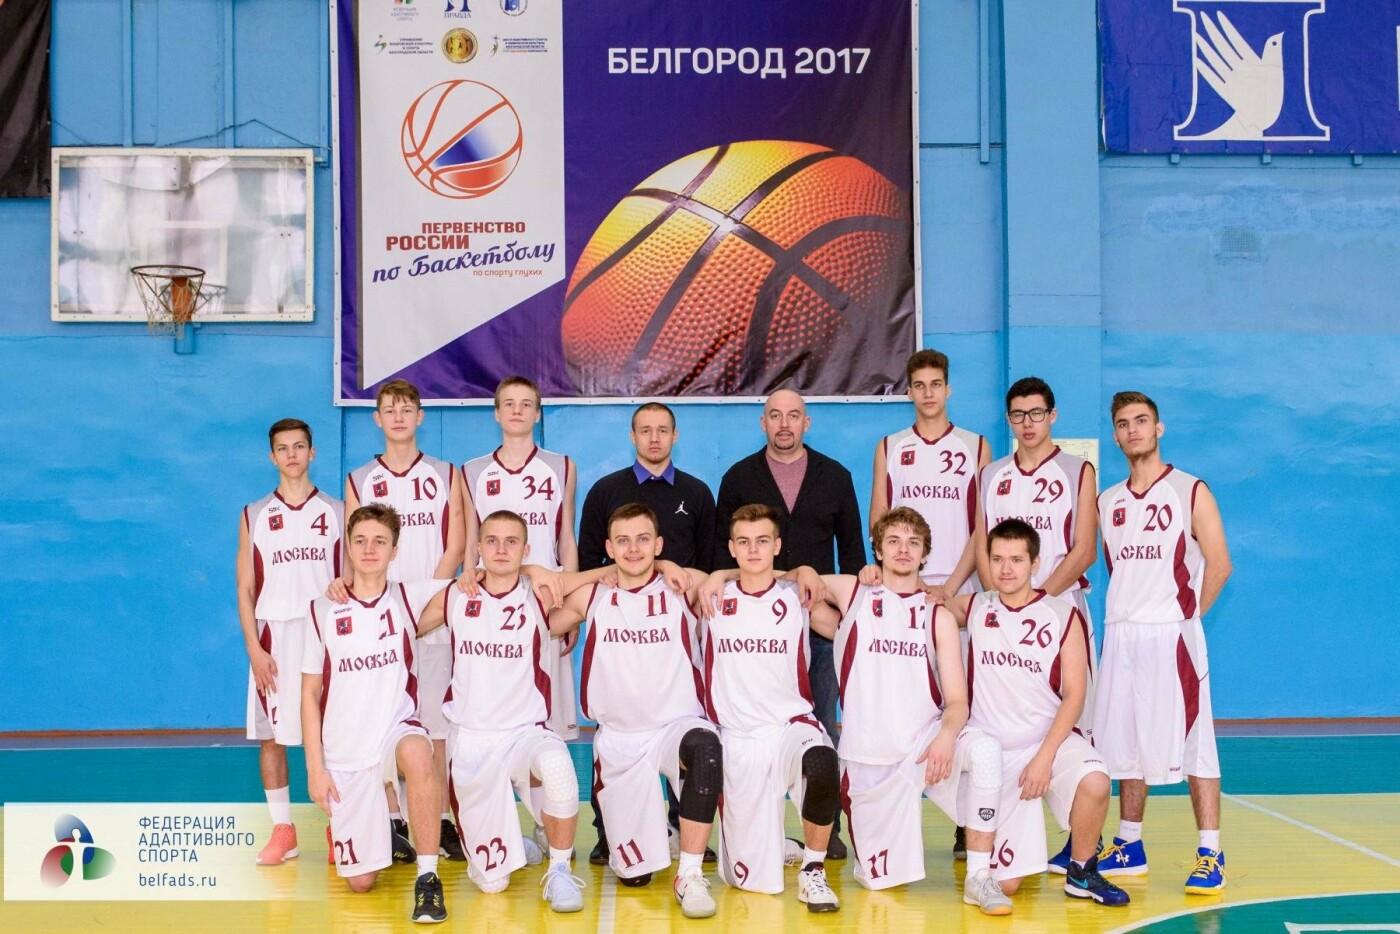 В Белгороде завершилось Первенство России по баскетболу среди глухих, фото-10